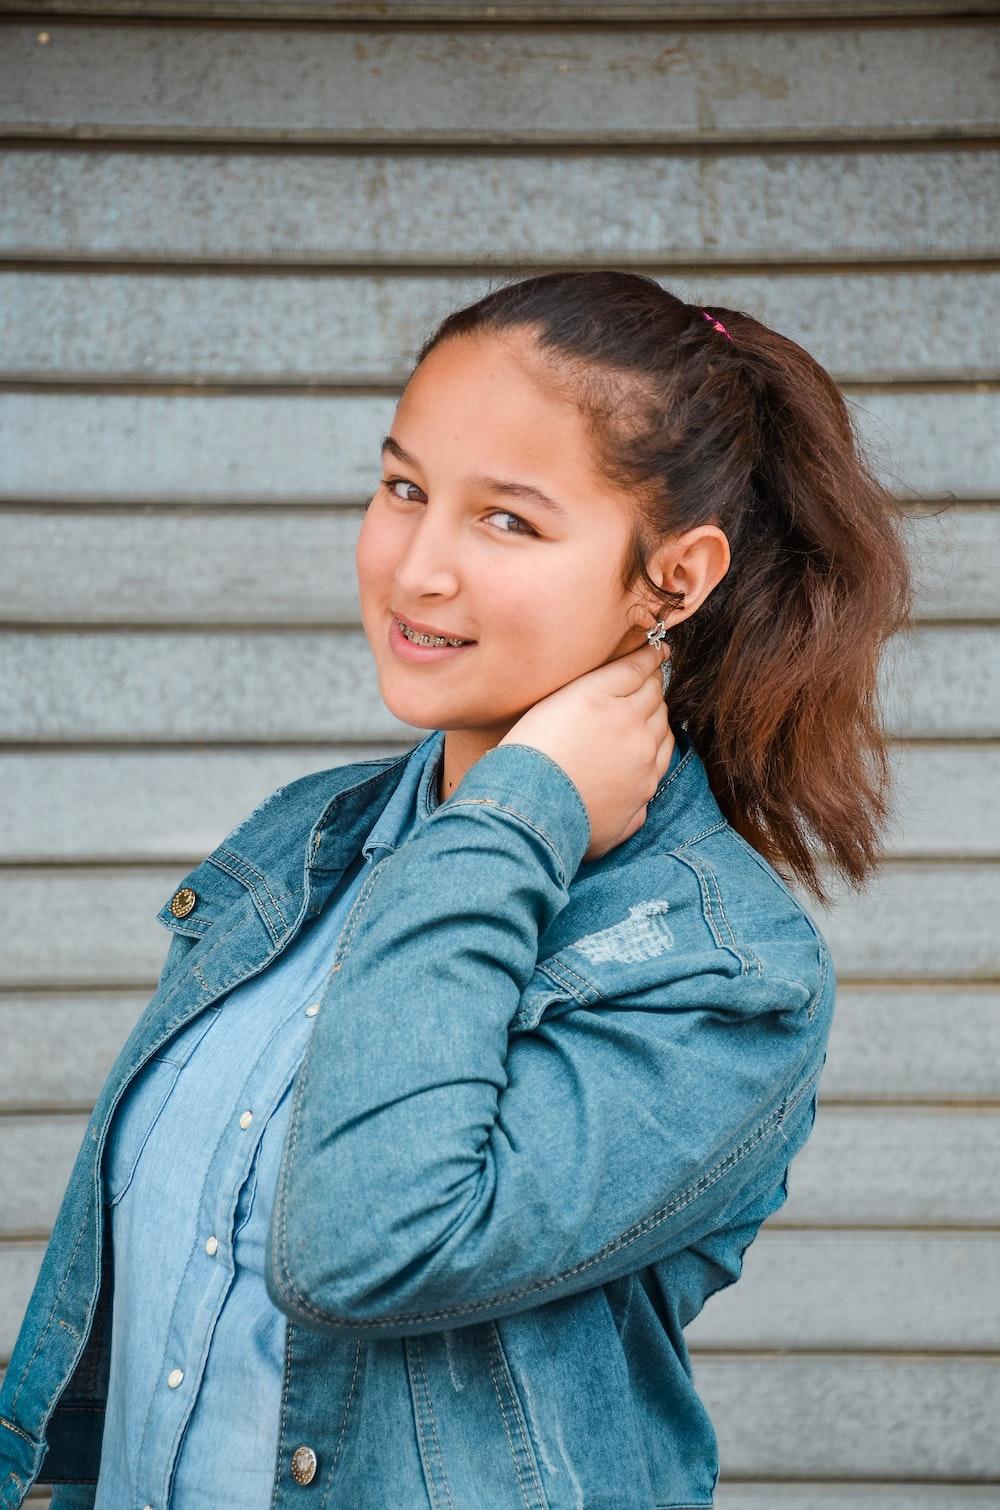 girl wearing blue denim jeans